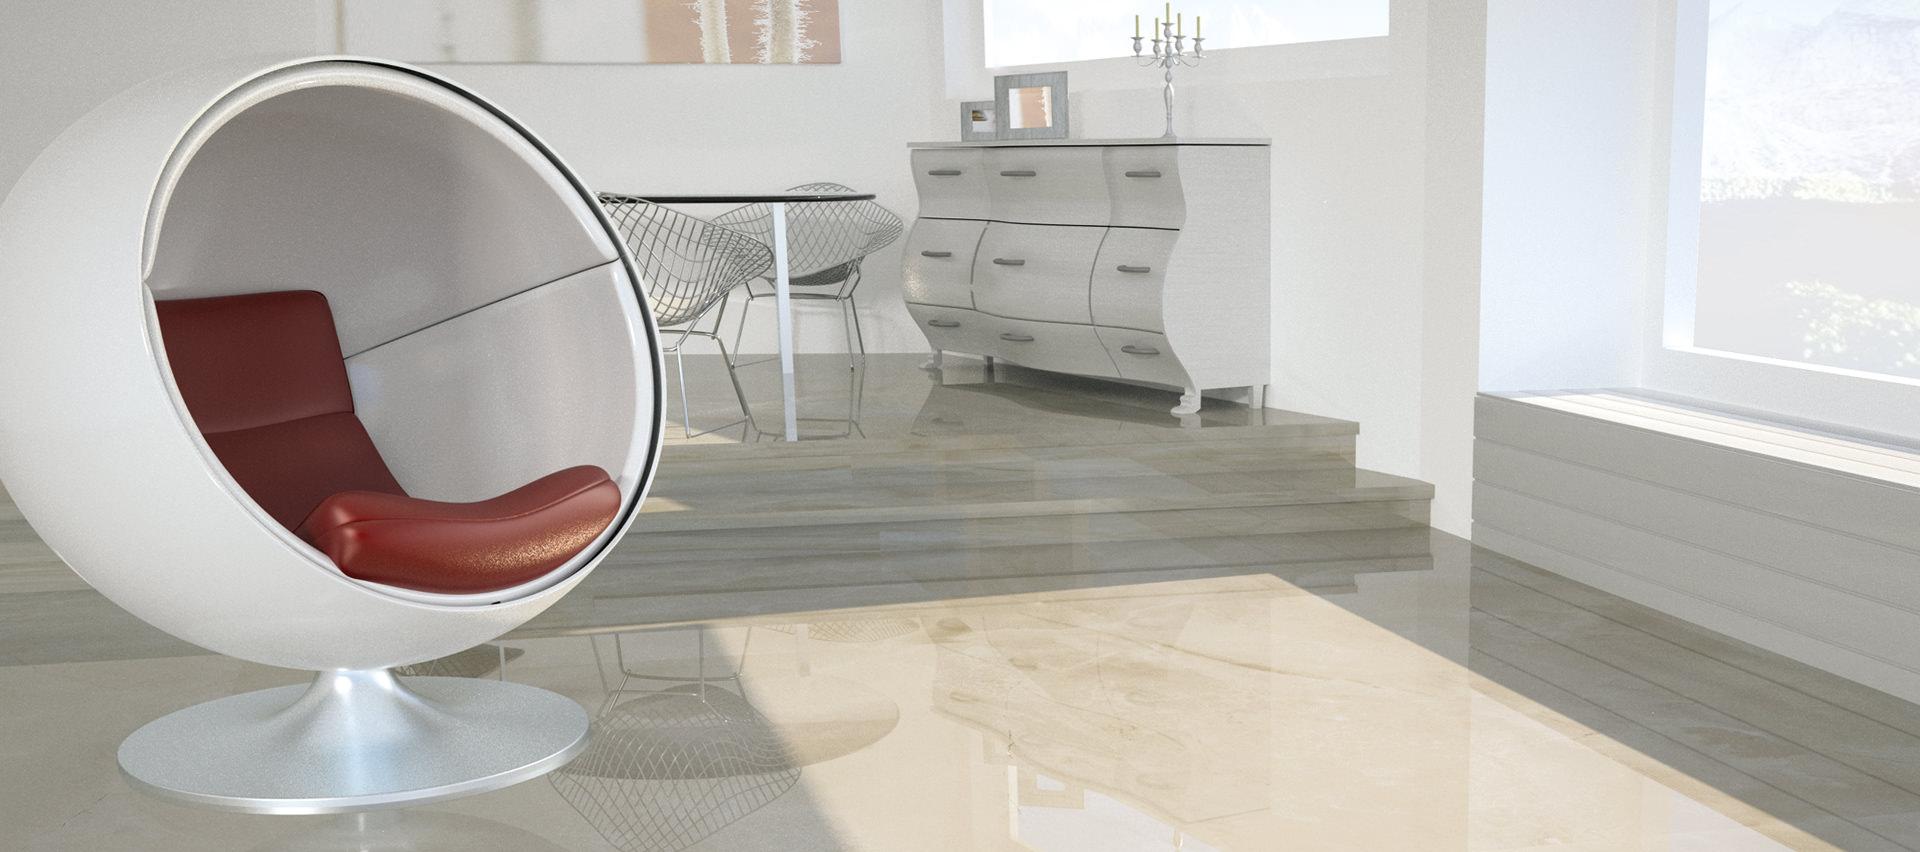 vives ceramica fliesen feinsteinzeug und keramische fliesen. Black Bedroom Furniture Sets. Home Design Ideas